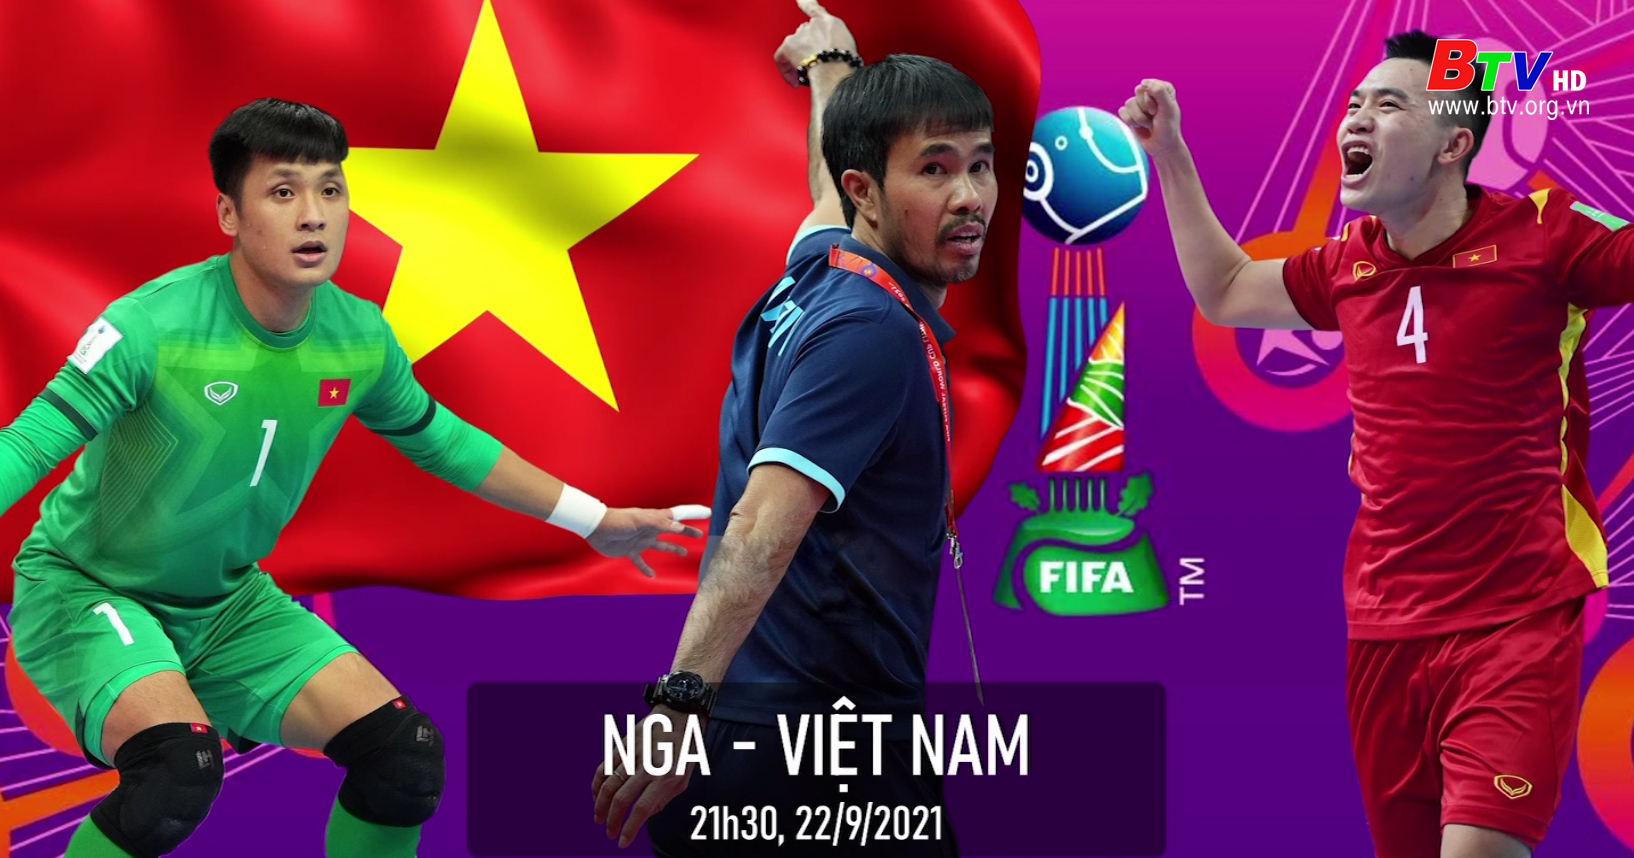 Futsal Việt Nam đón tin vui trước trận gặp đội tuyển Nga